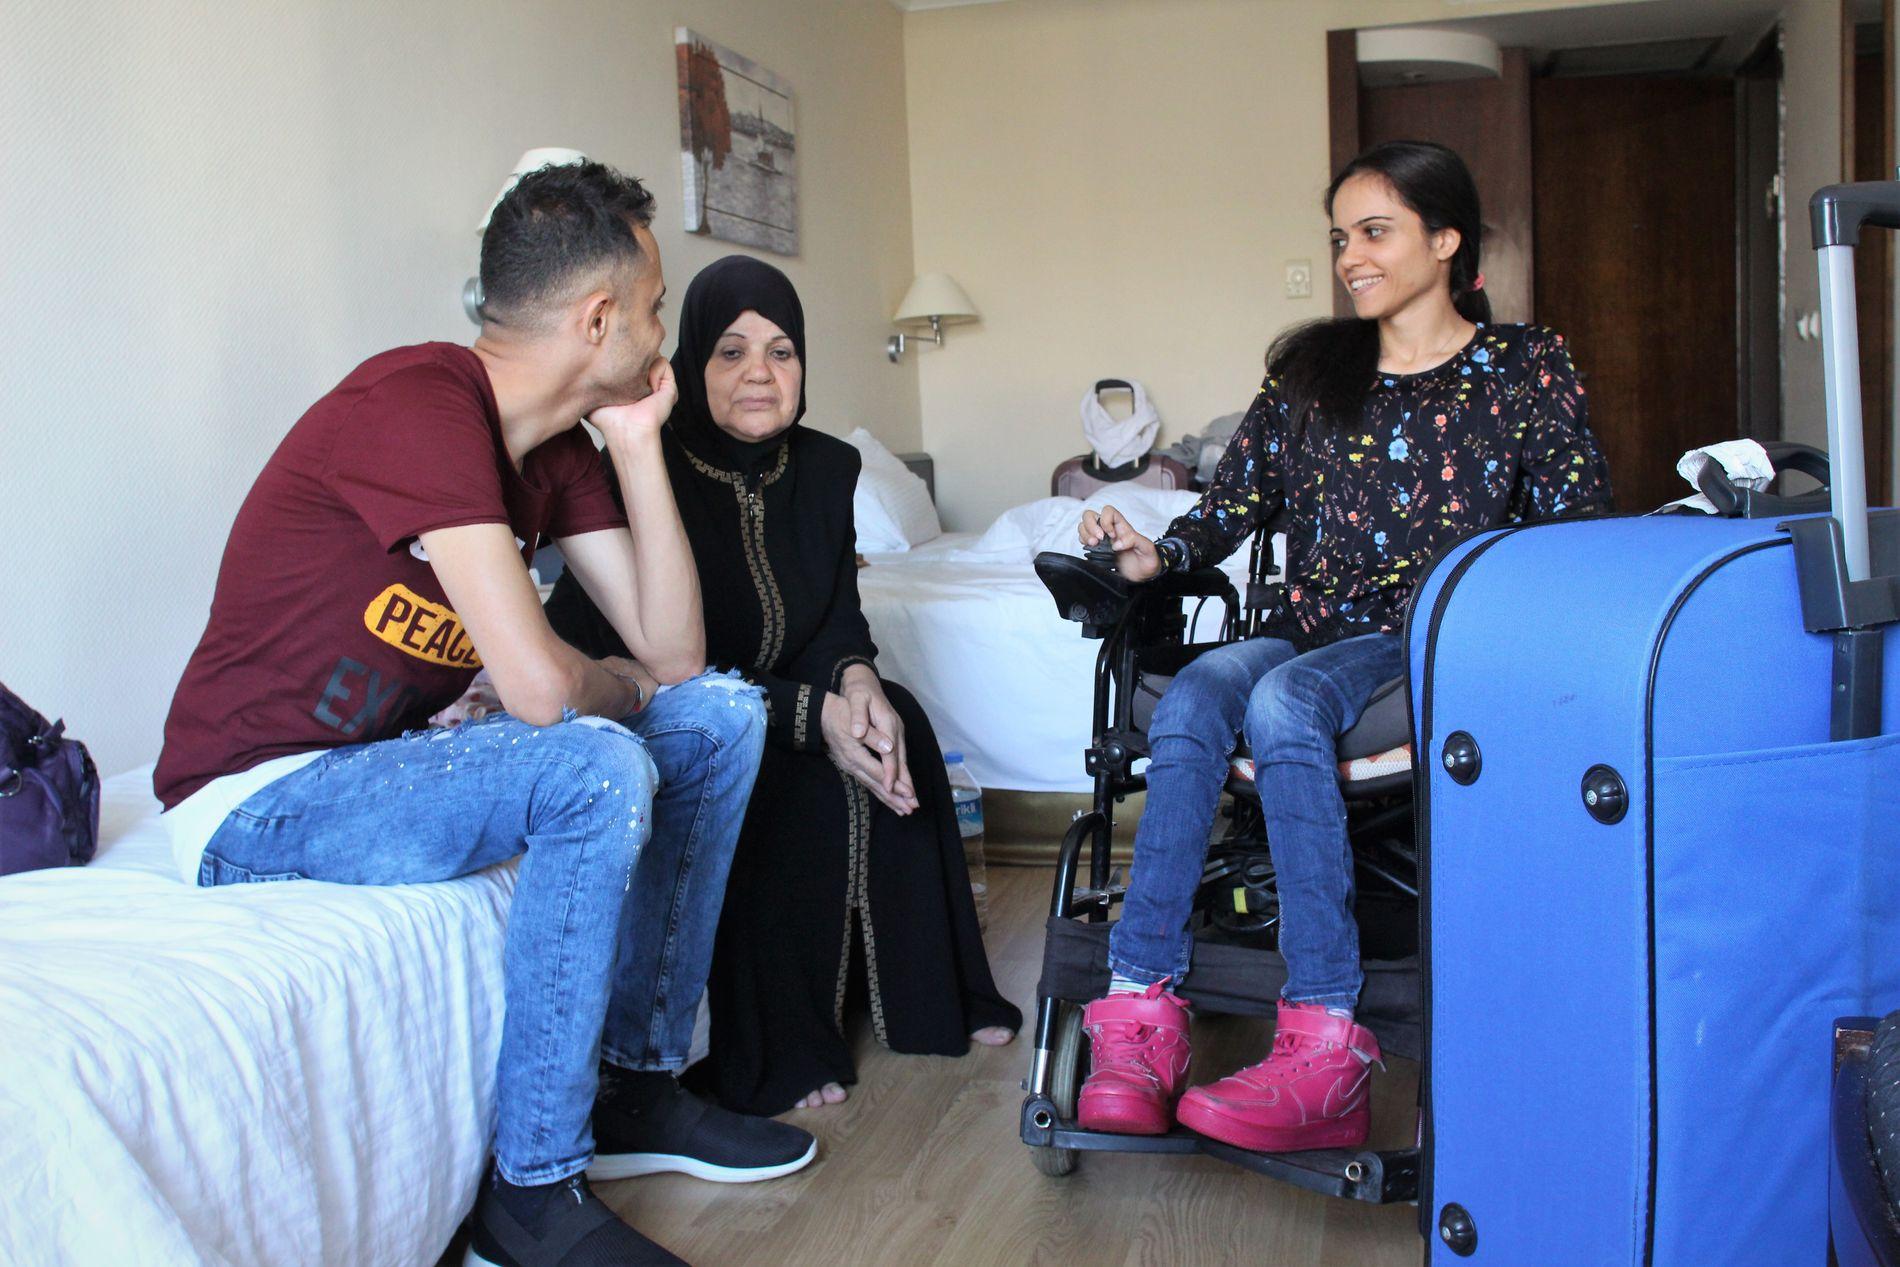 FØR AVREISE: Noor og broren Ahmad forsøker å berolige moren Amal, som er redd for å fly, før avreise fra Tyrkia.